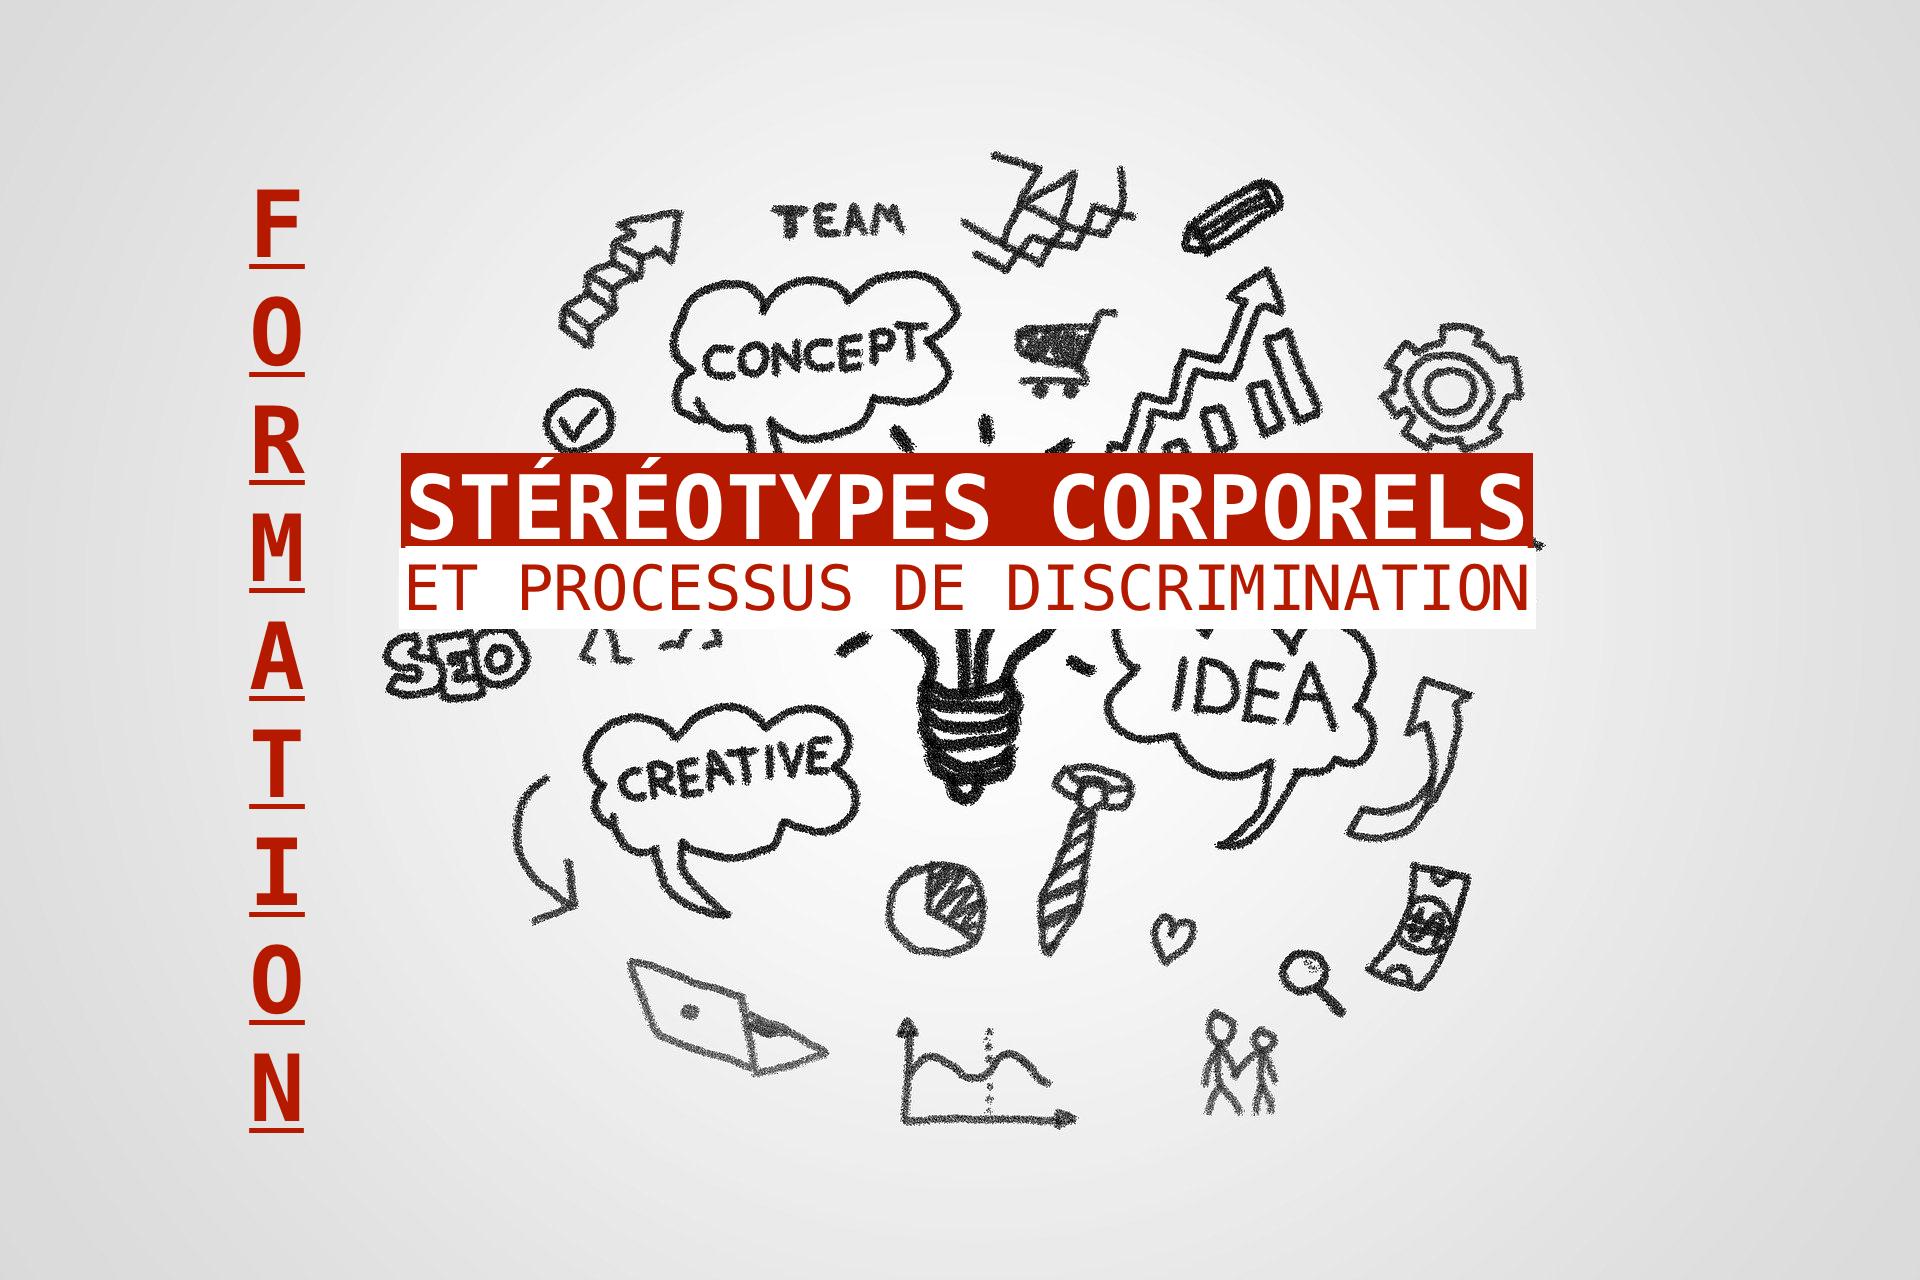 Formation Modes, nomes, stéréotypes corporels et discriminations